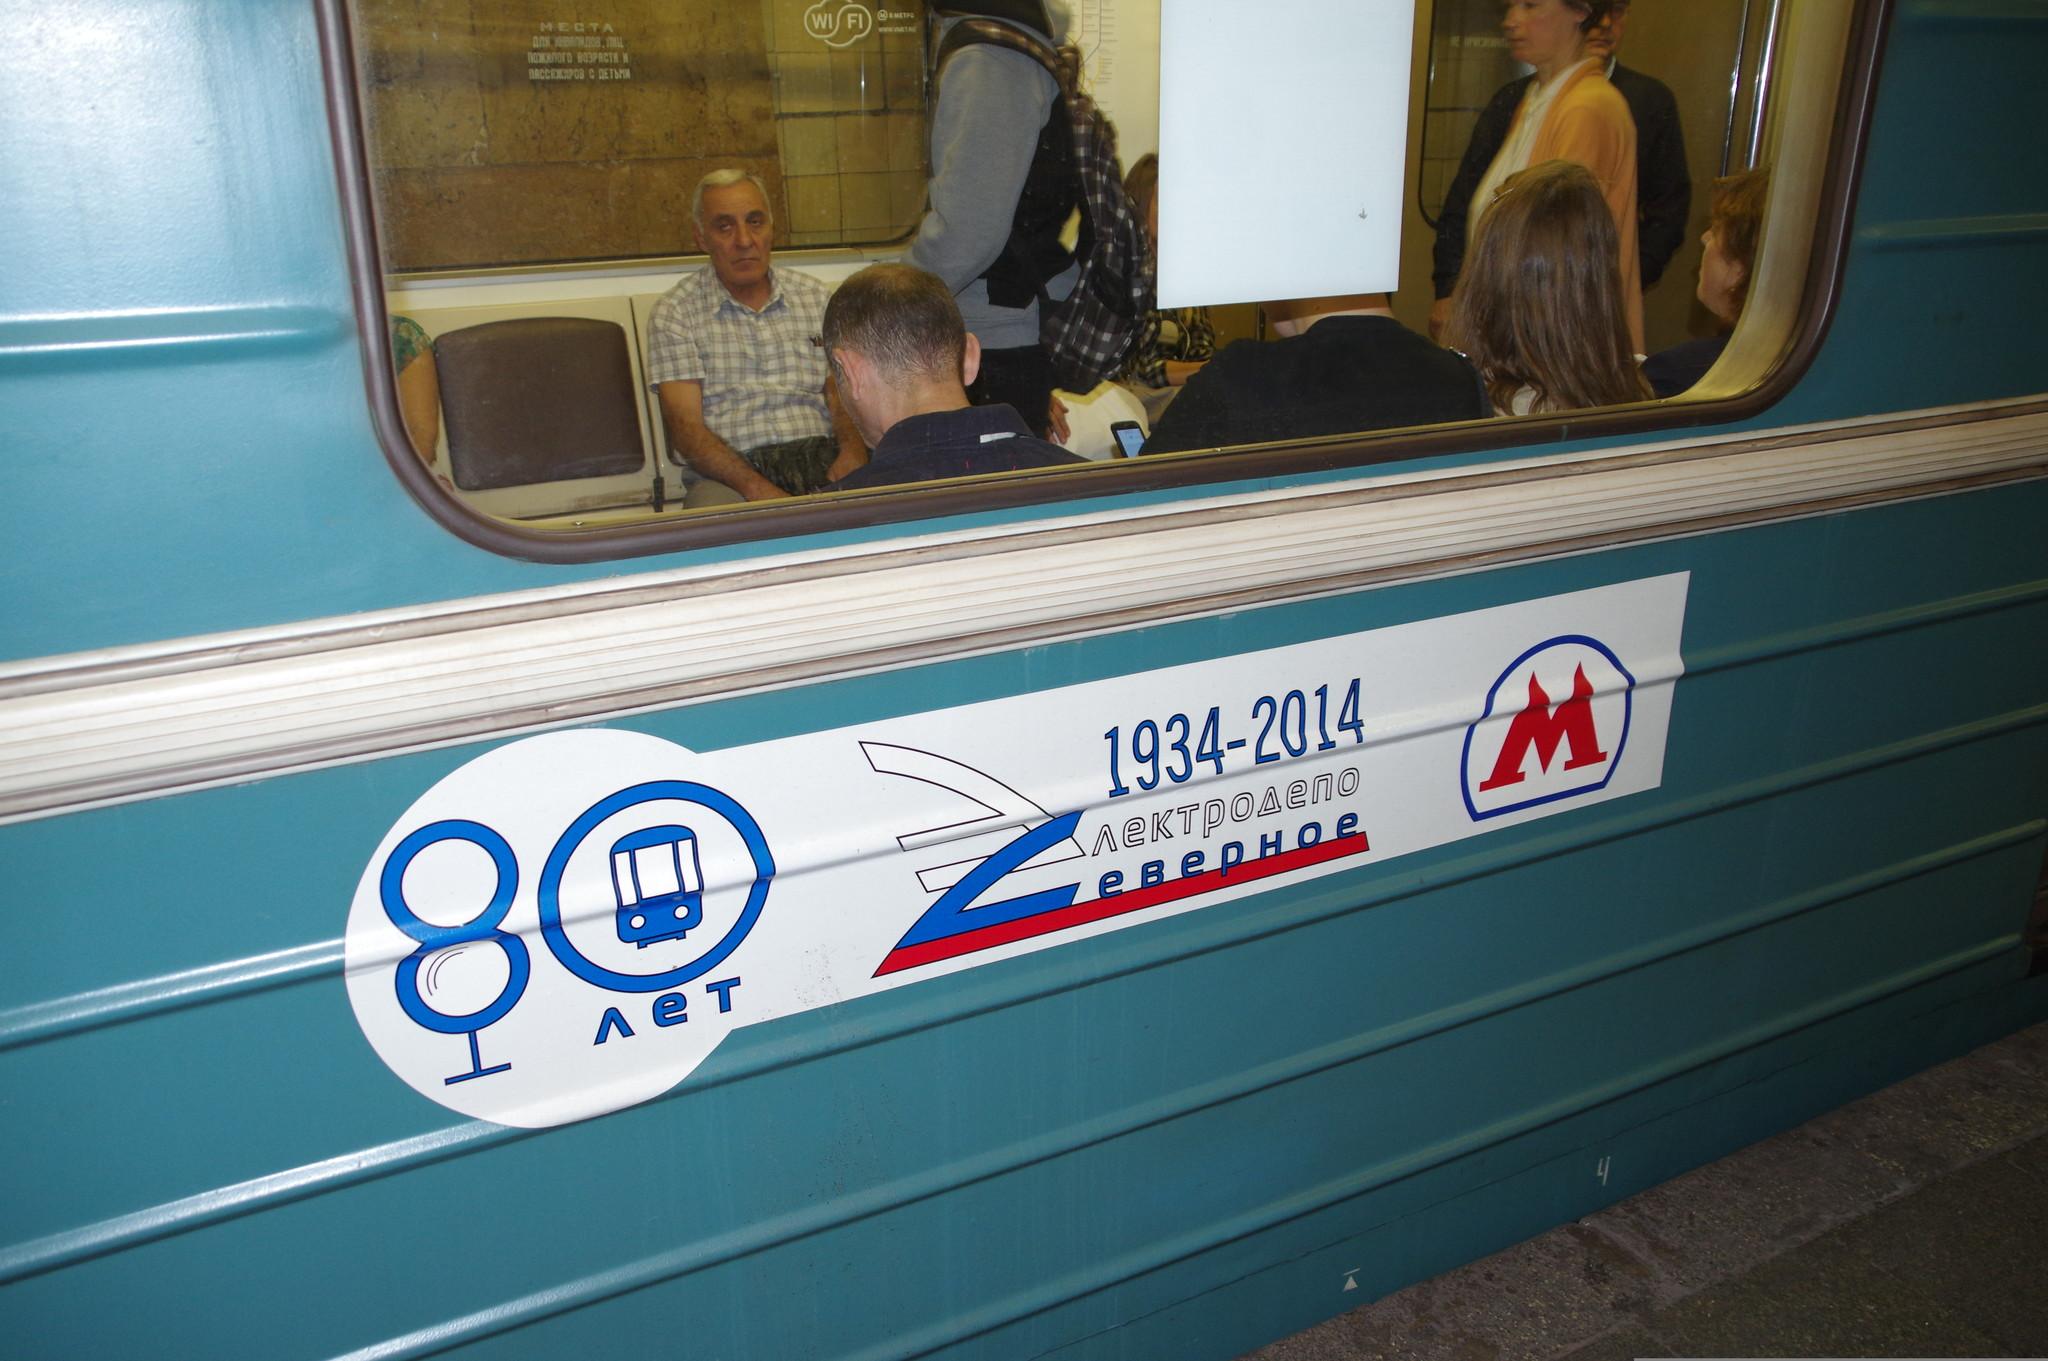 Вагон Московского метрополитена. Старейшему предприятию Московского метрополитена – электродепо «Северное» 15 октября 2014 года исполнилось 80 лет